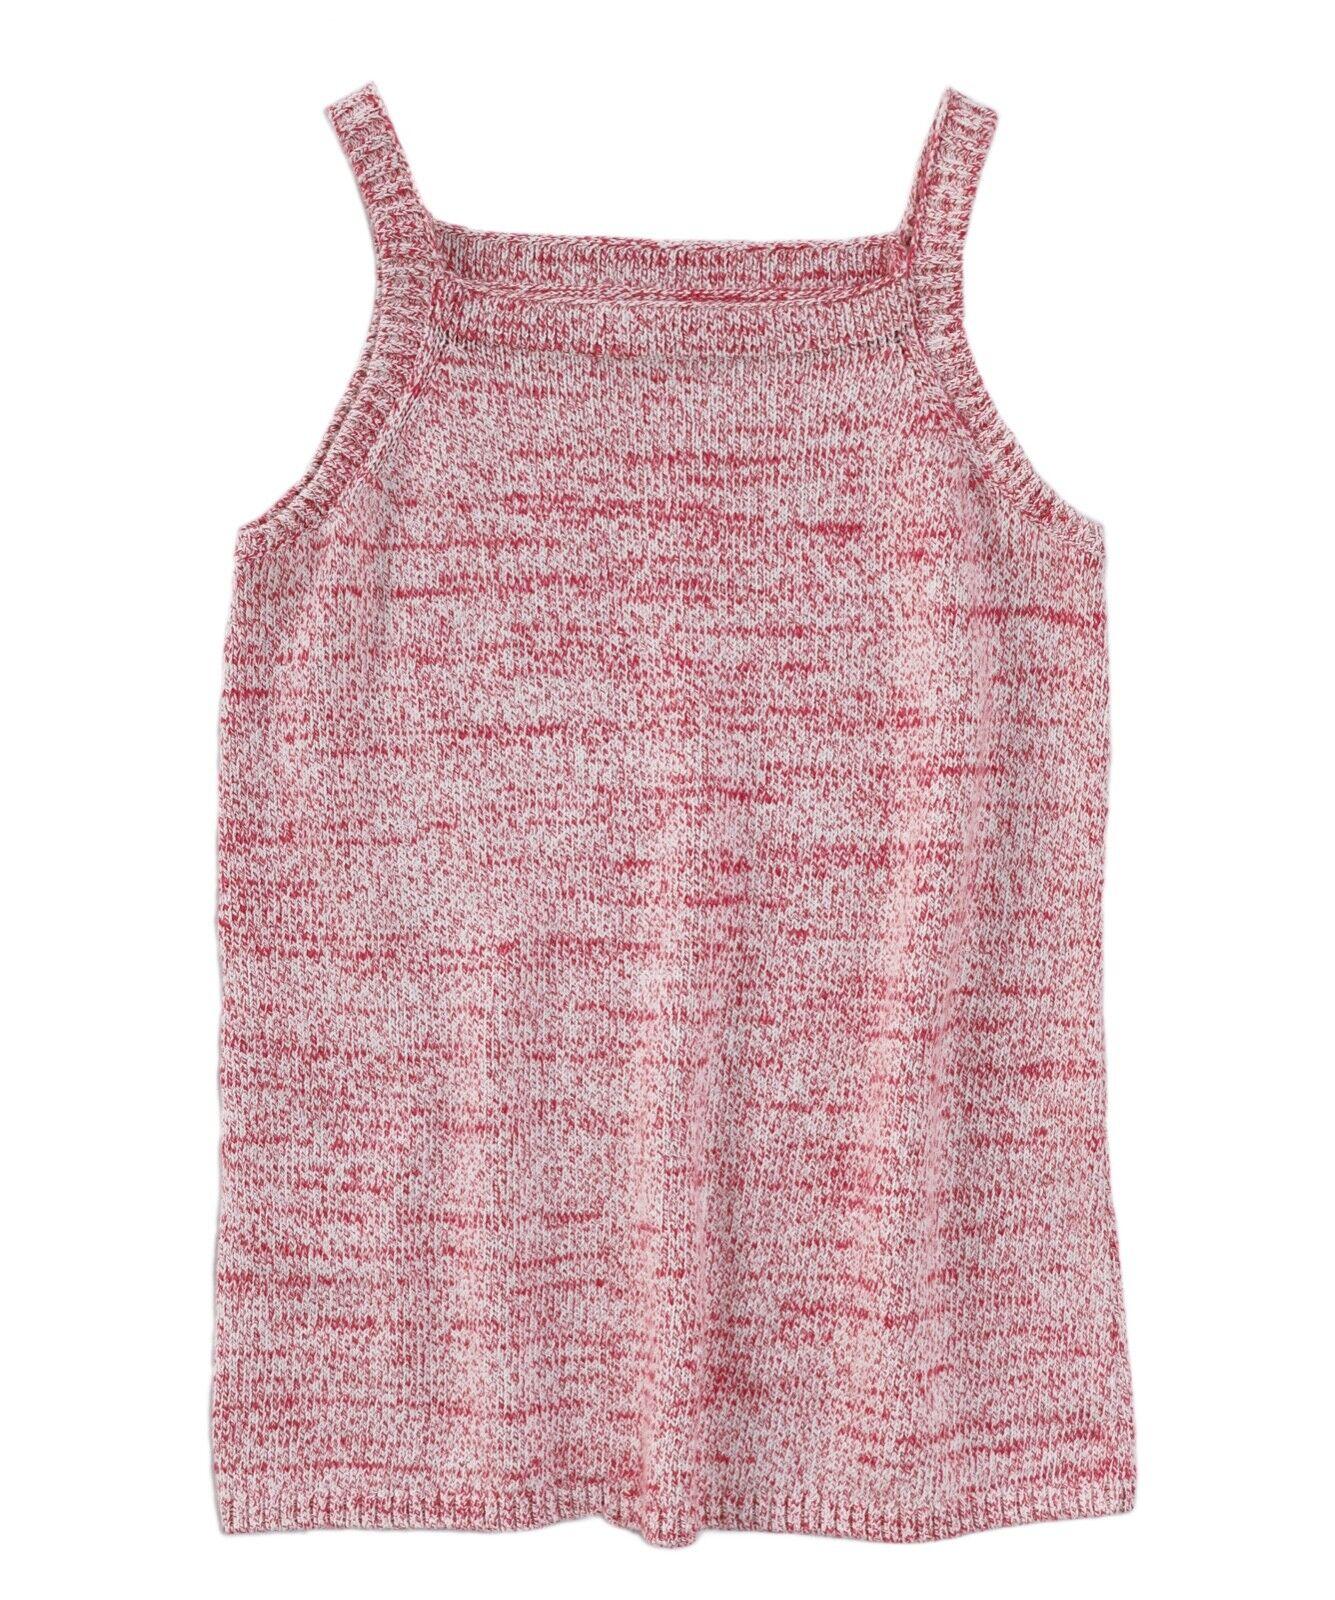 LOFT Women's L - NWT Pink & White Striped Cotton Linen Sweater Tank Top